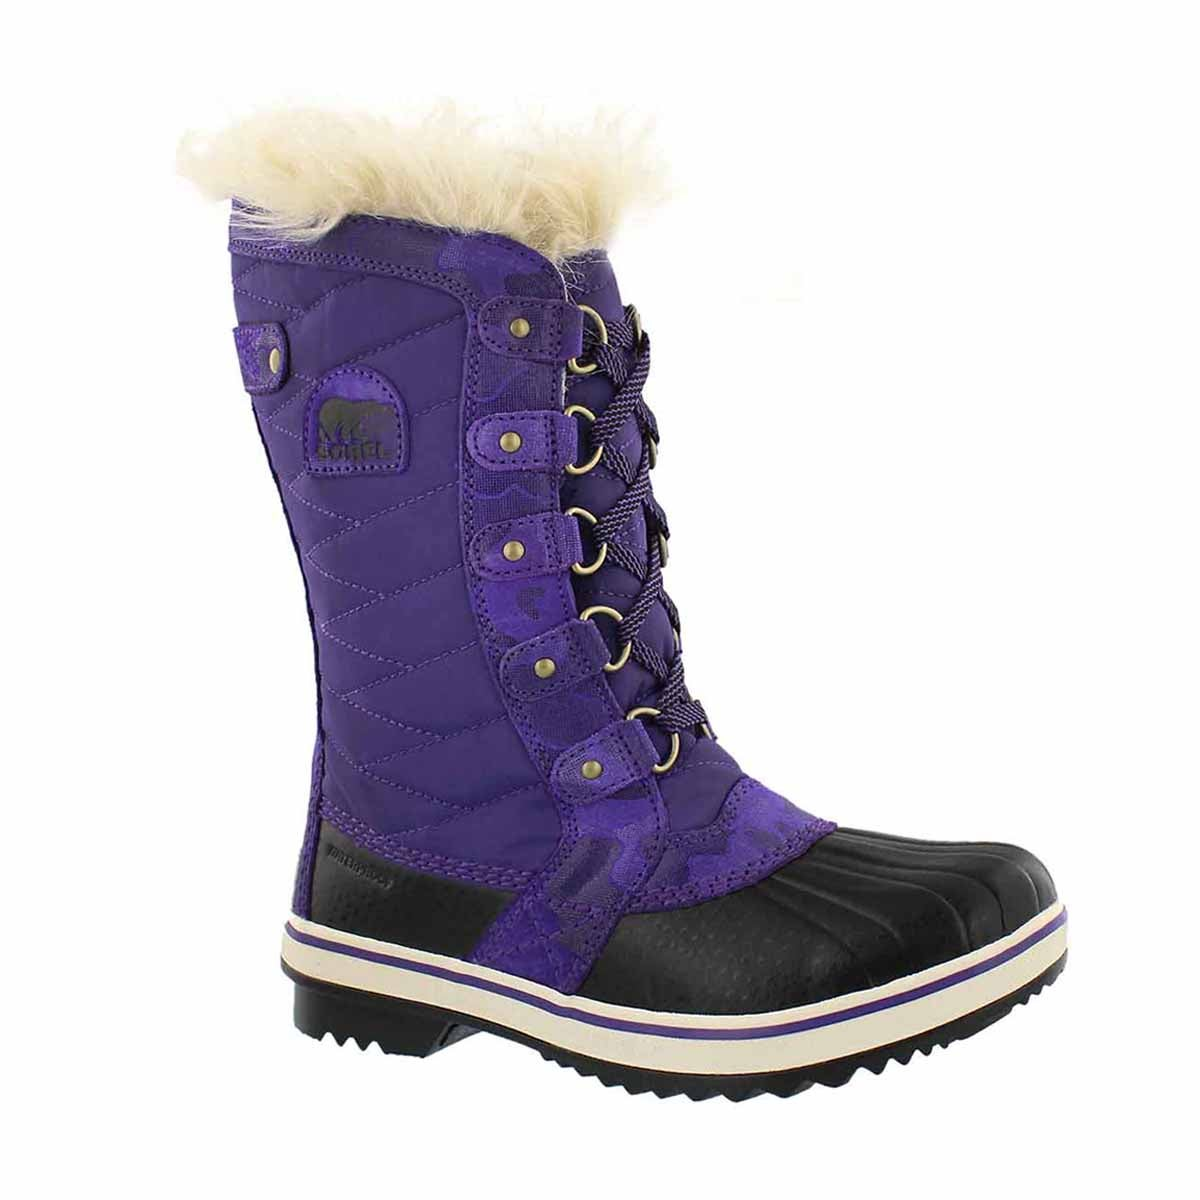 Girls' TOFINO II emperor waterproof snow boots